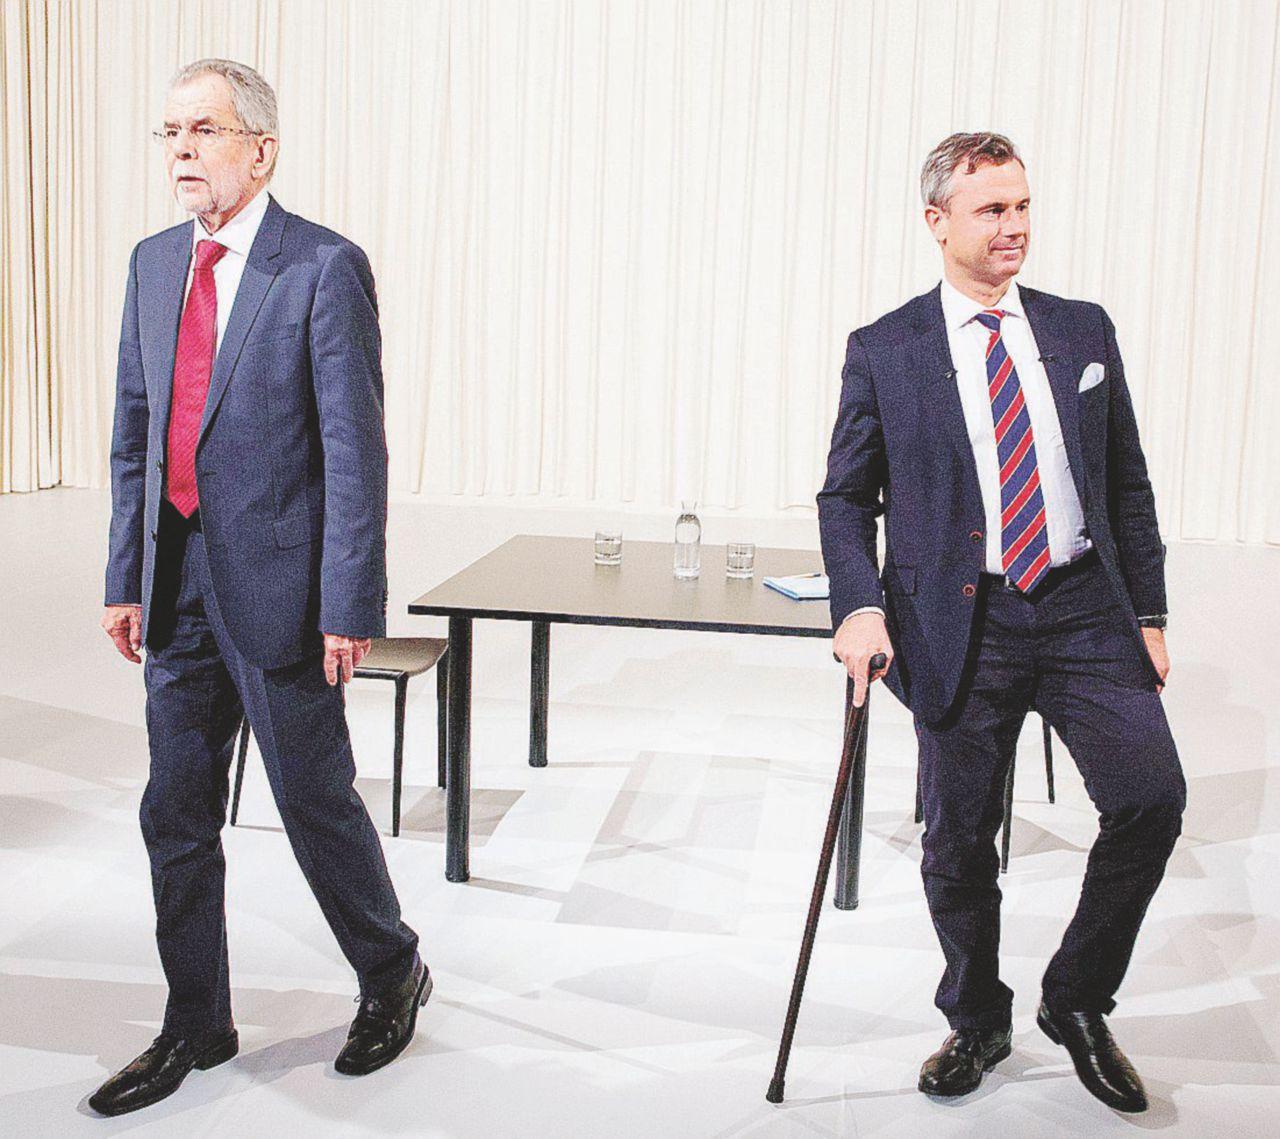 Il ballottaggio è da rifare: Austria senza presidente